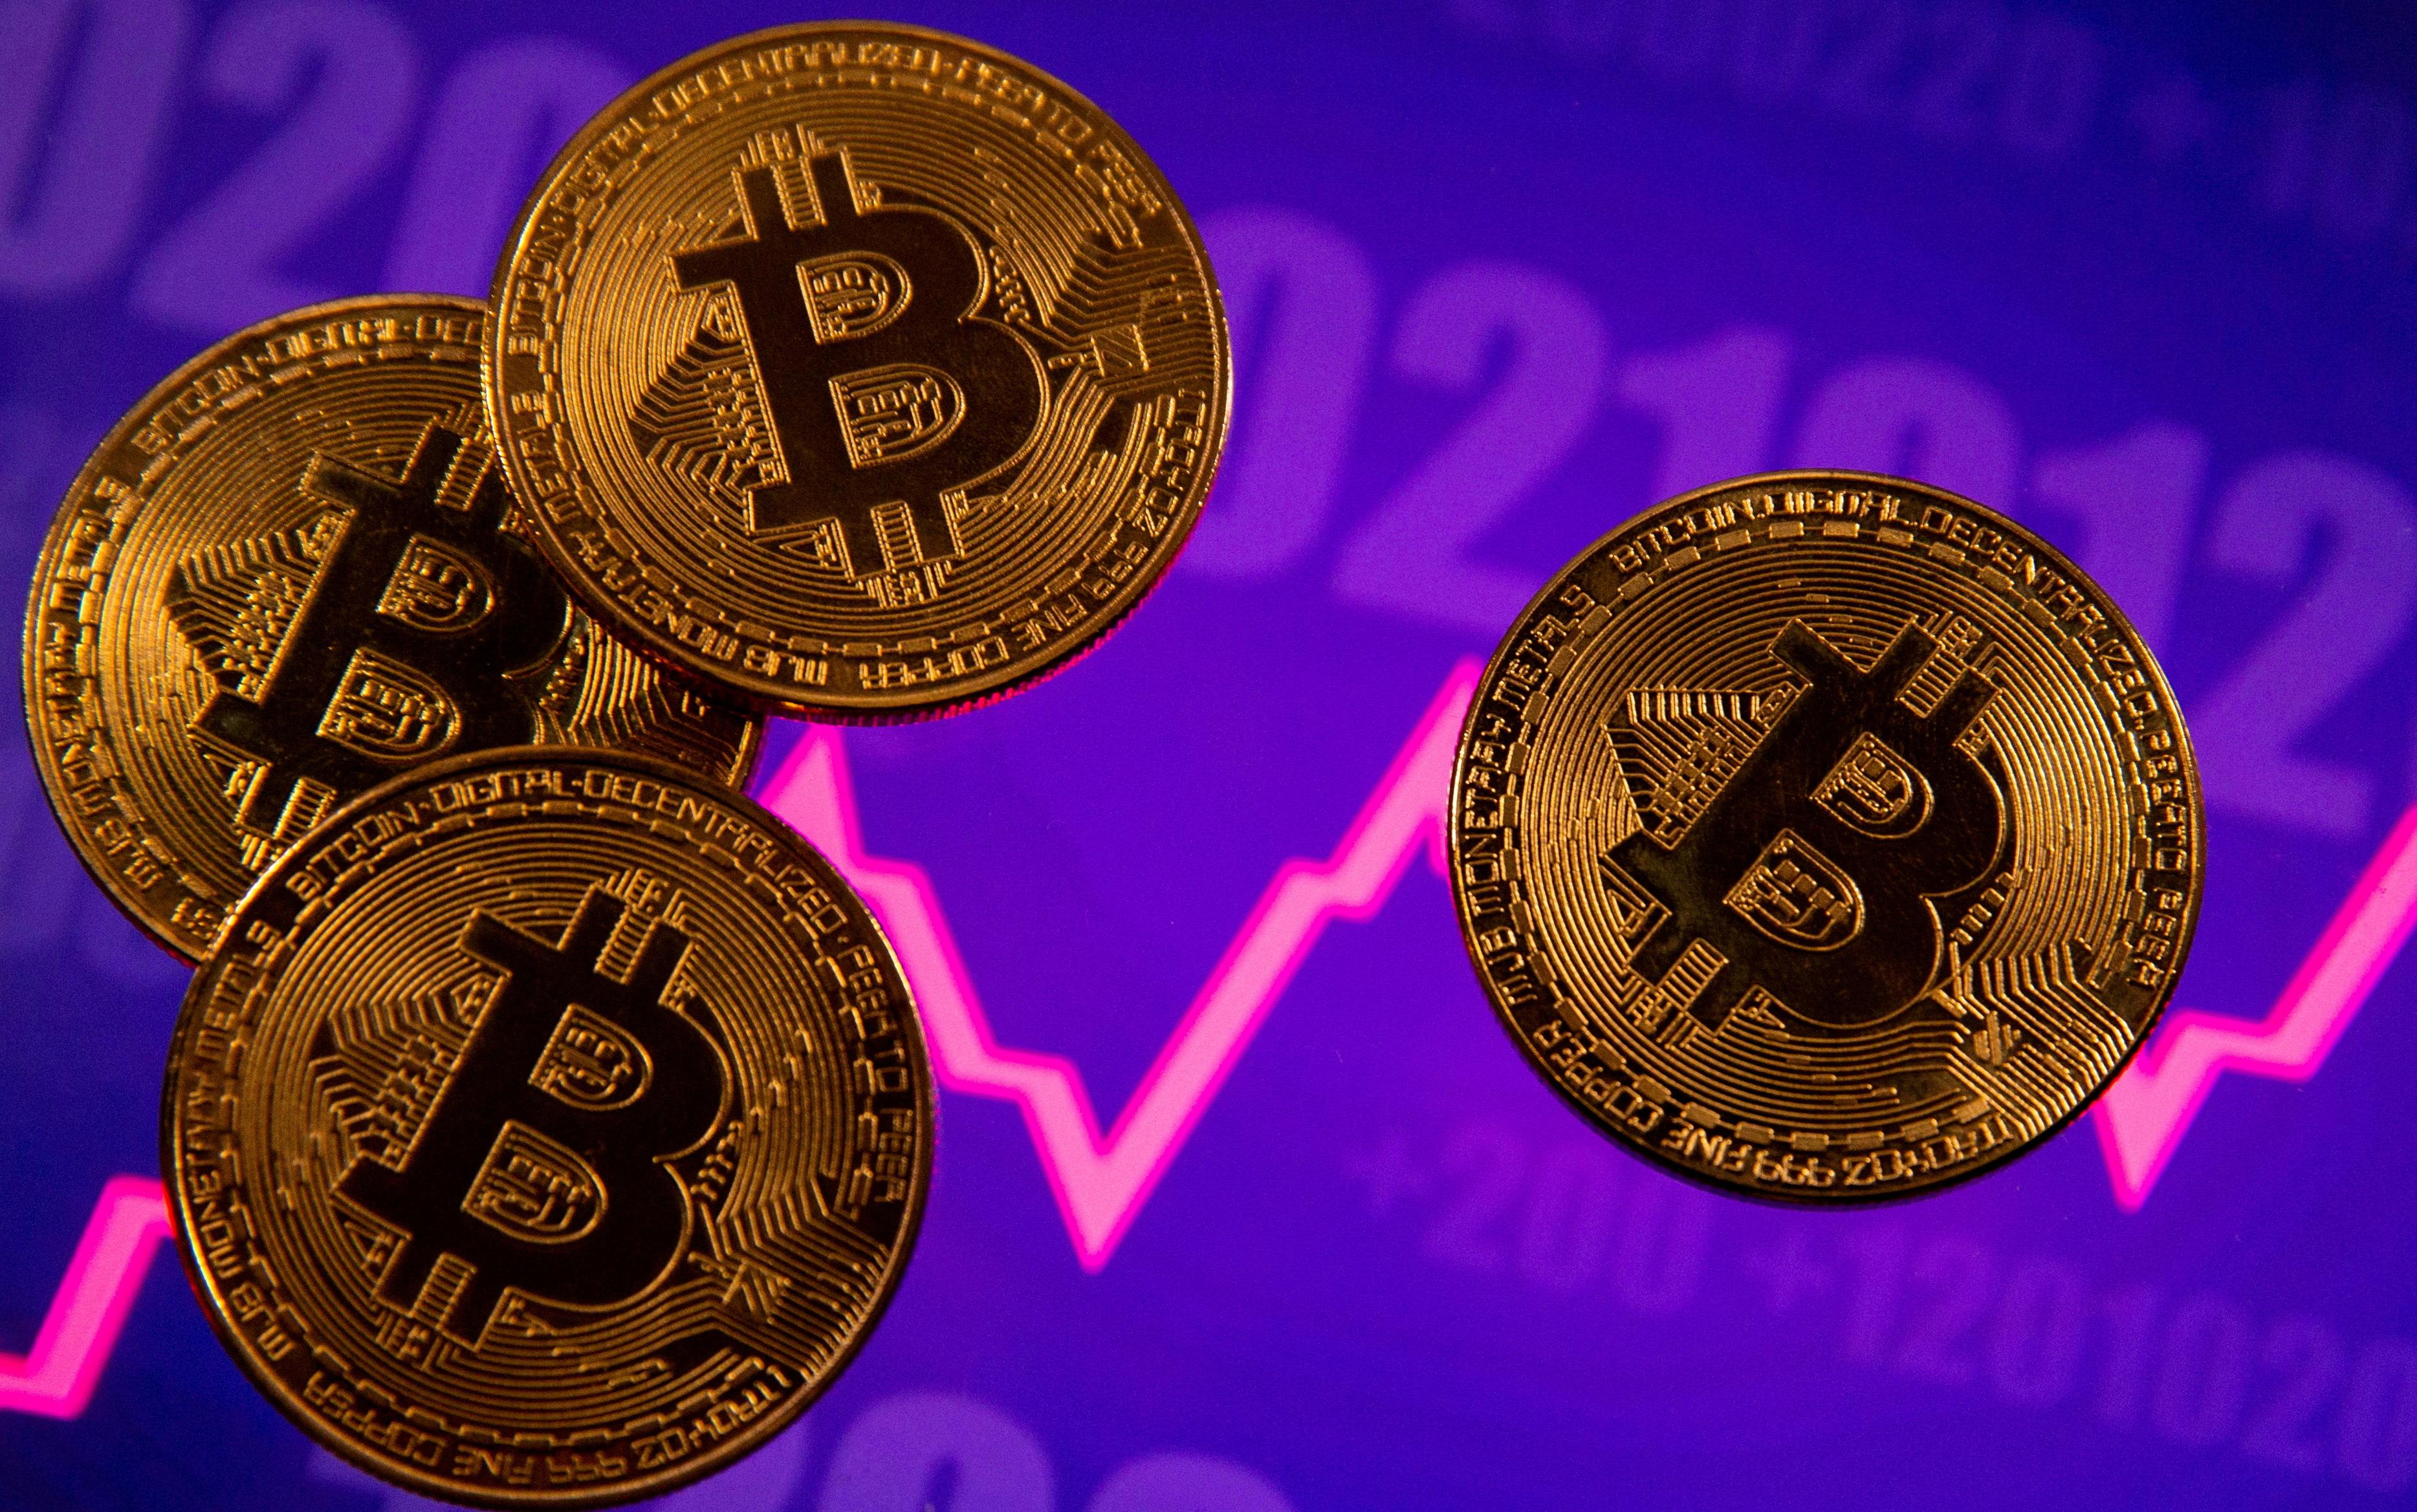 Cea mai mare FRAUDĂ cu bitcoin. 3,6 miliarde de dolari au dispărut din conturile investitorilor